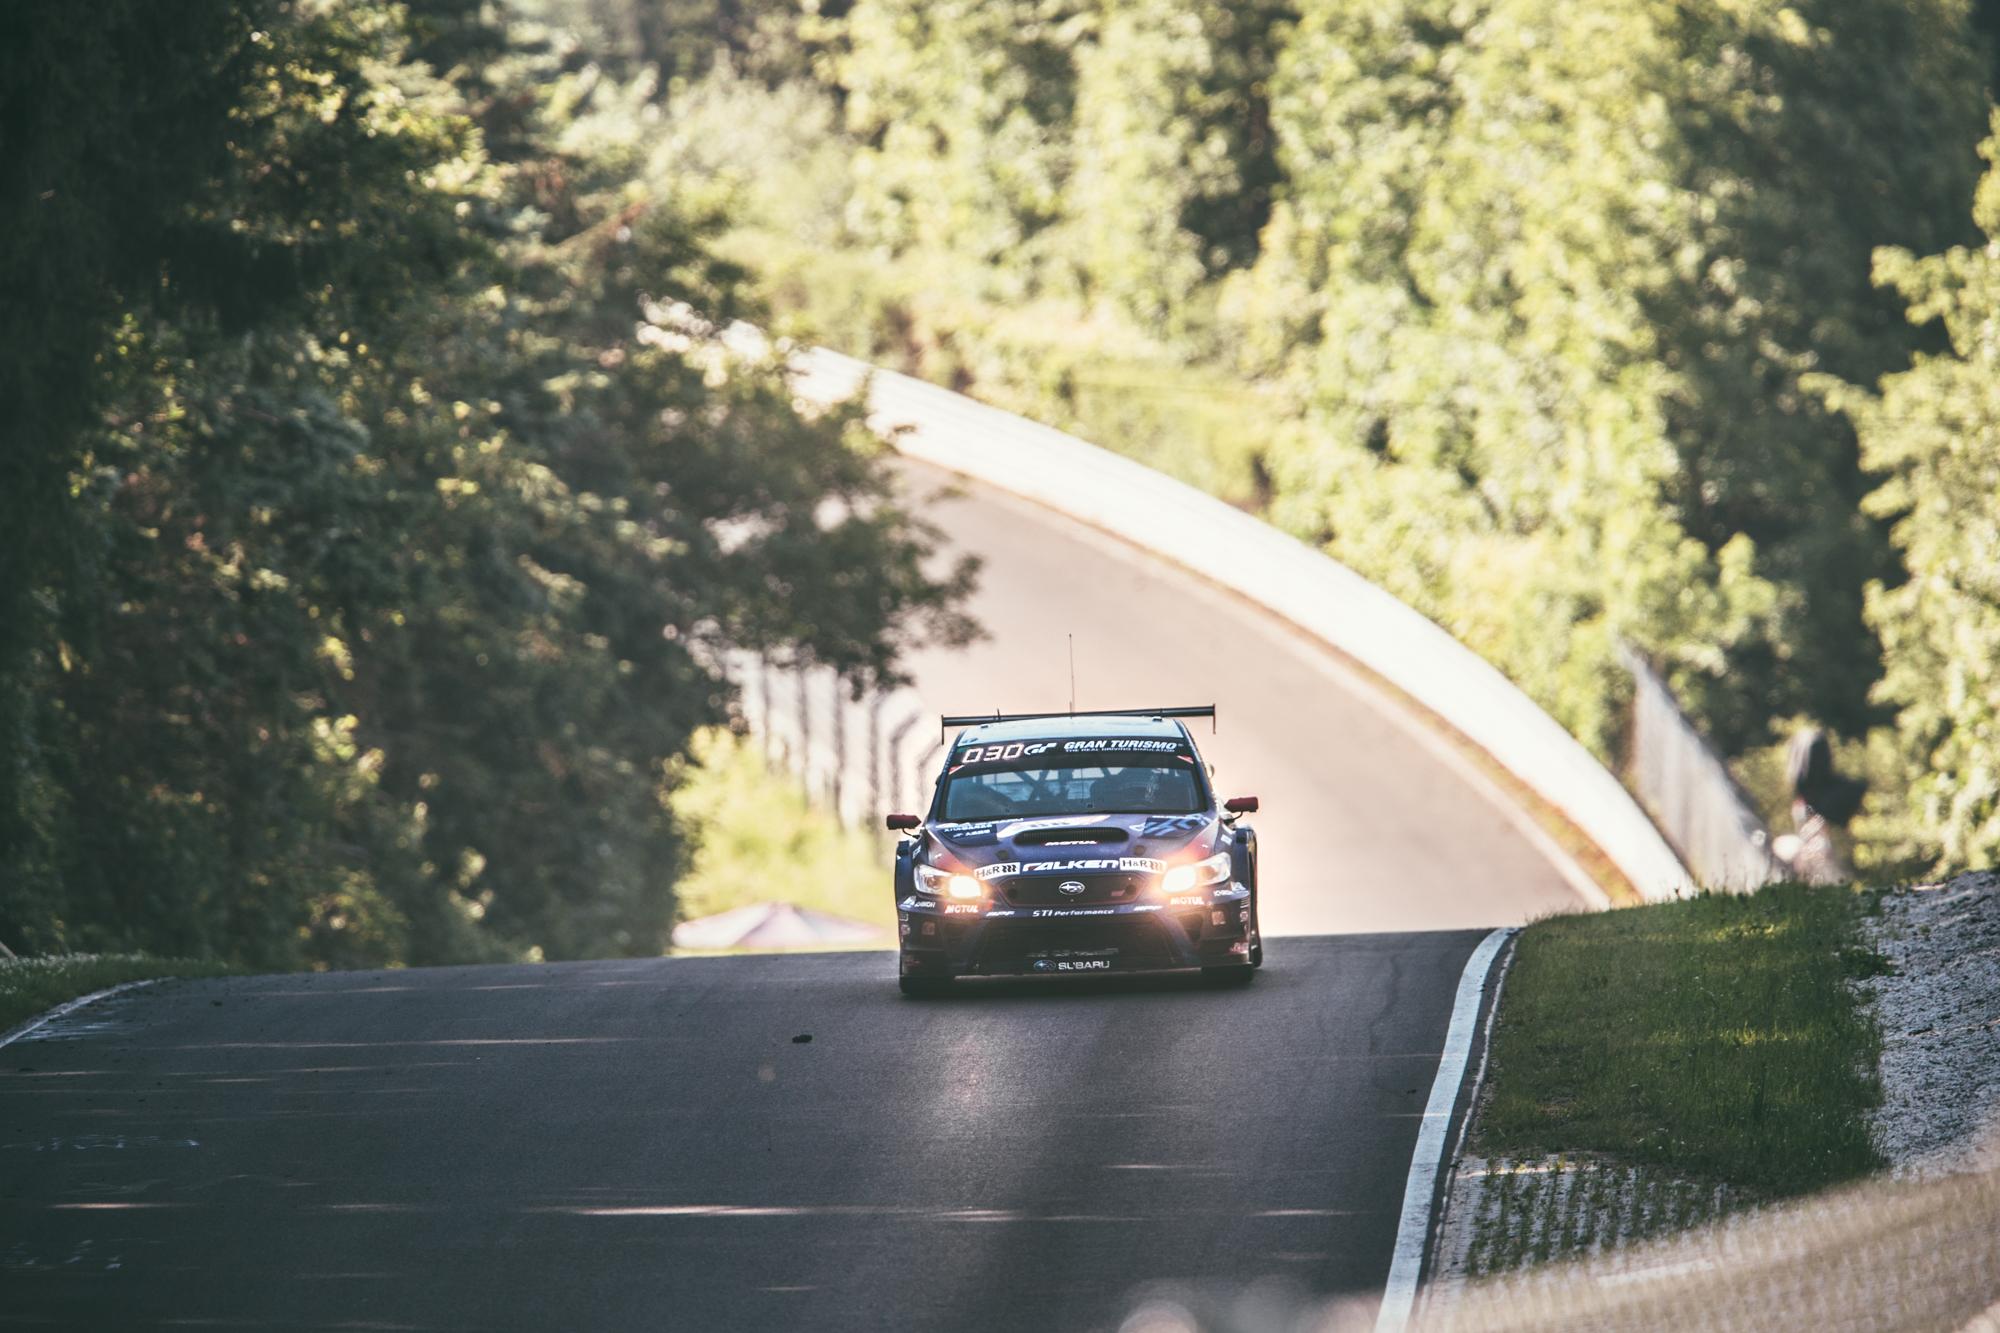 Klassensieg für Subaru WRX STi